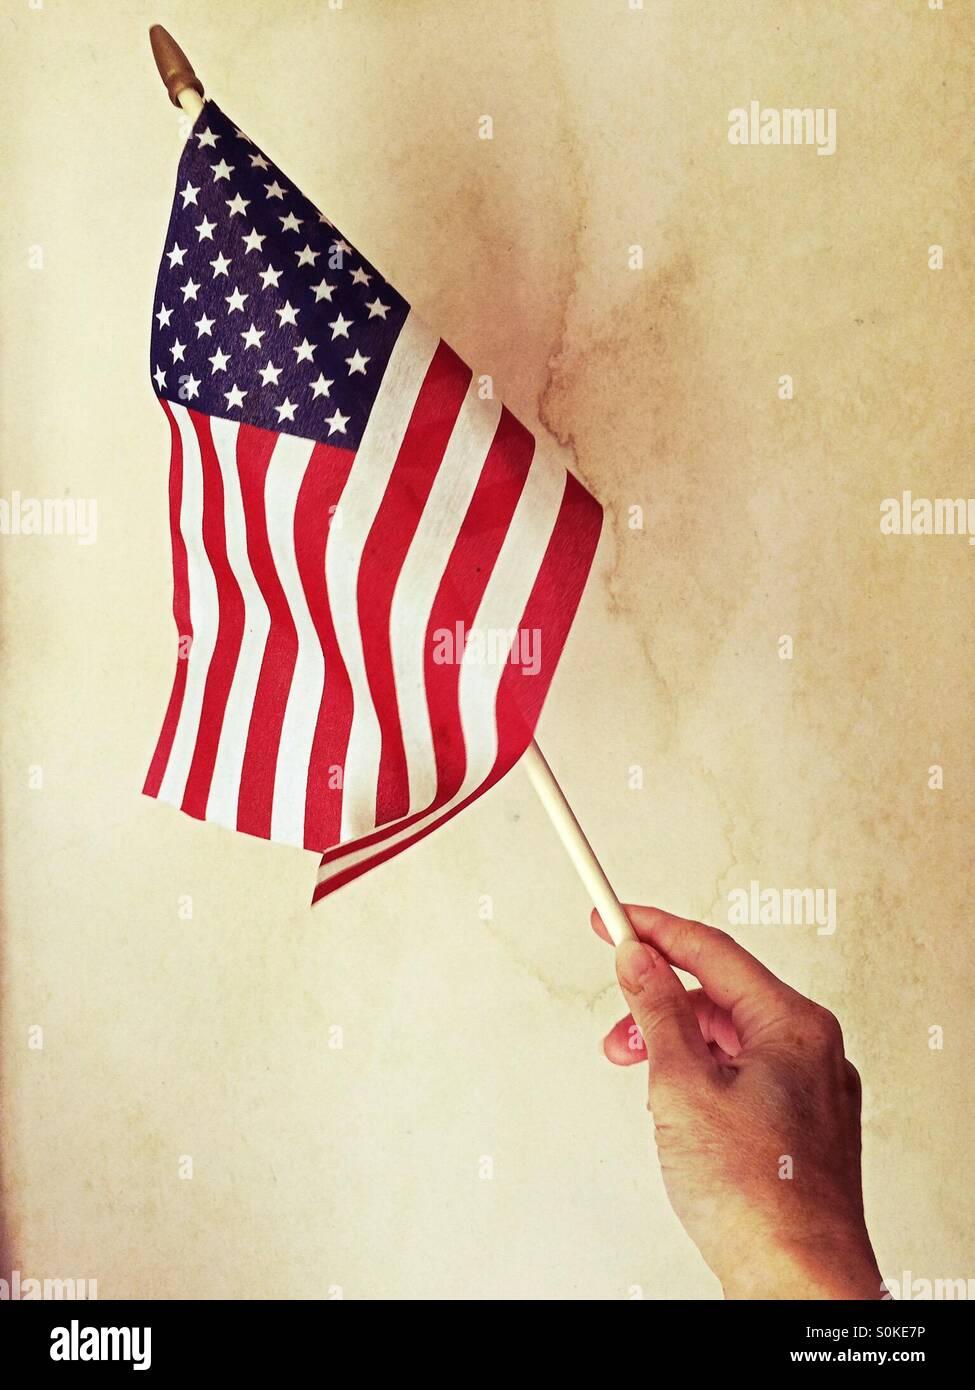 Mano sosteniendo la bandera americana Imagen De Stock